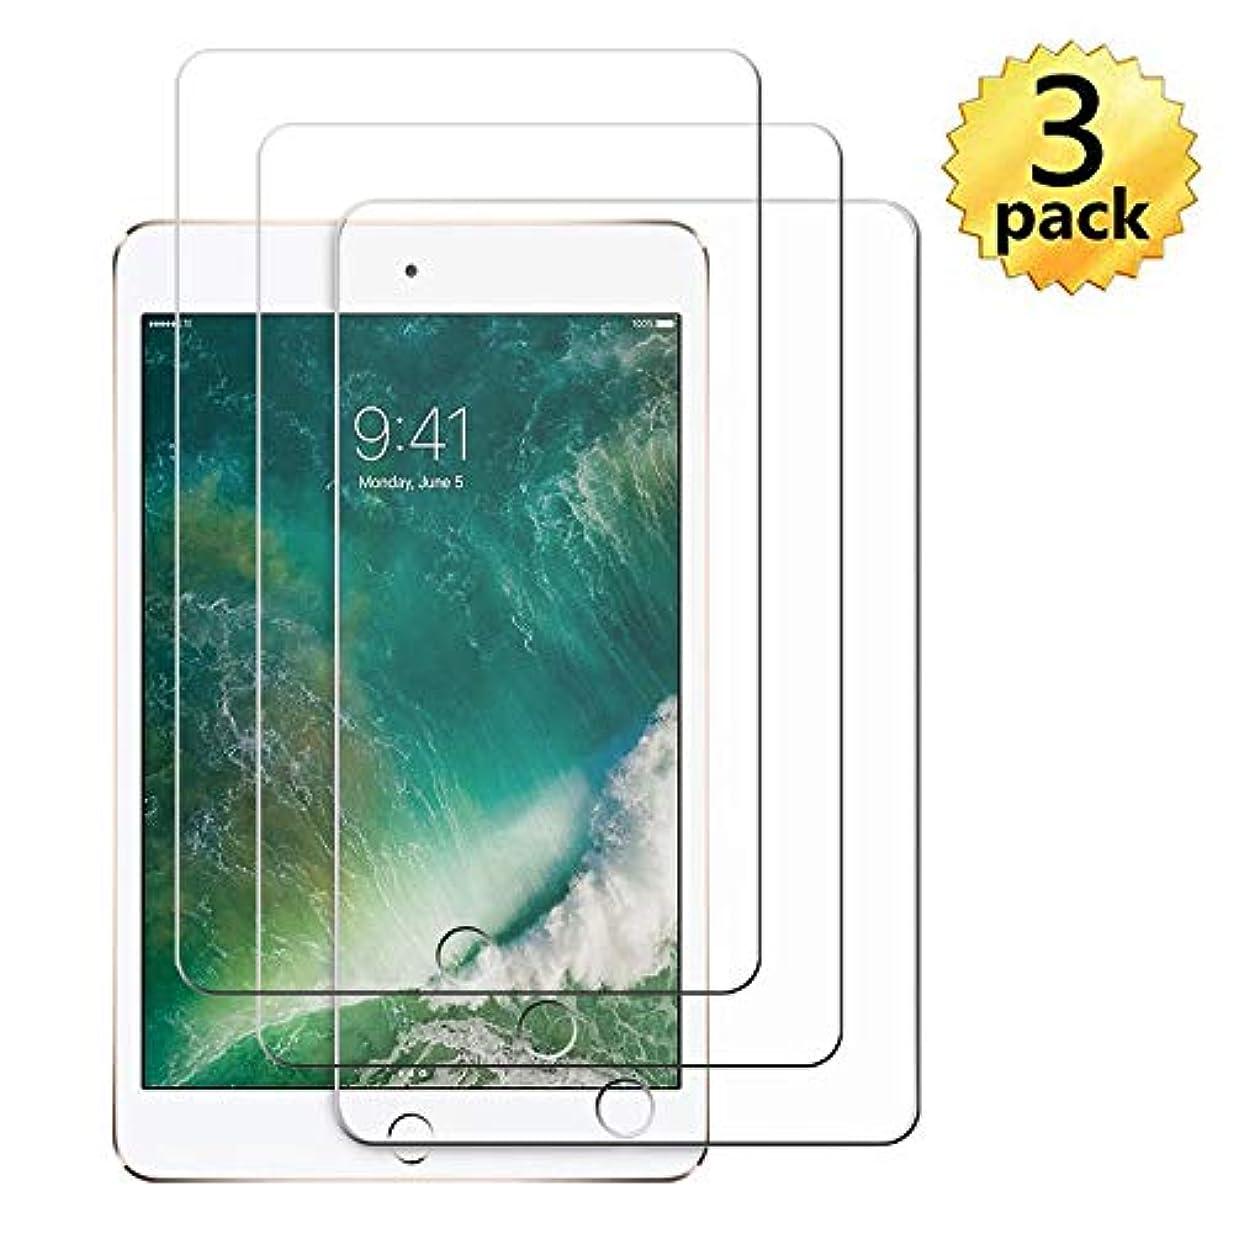 ギャザー住居スタンド[3パック] iPad A1893 スクリーンプロテクター I Pad Pro 9.7 インチ (2018 & 2017) iPad9.7 5th/6th 5 6 世代 9.7インチ 強化ガラスフィルム Air 1/2 A1822 A1823 A1954